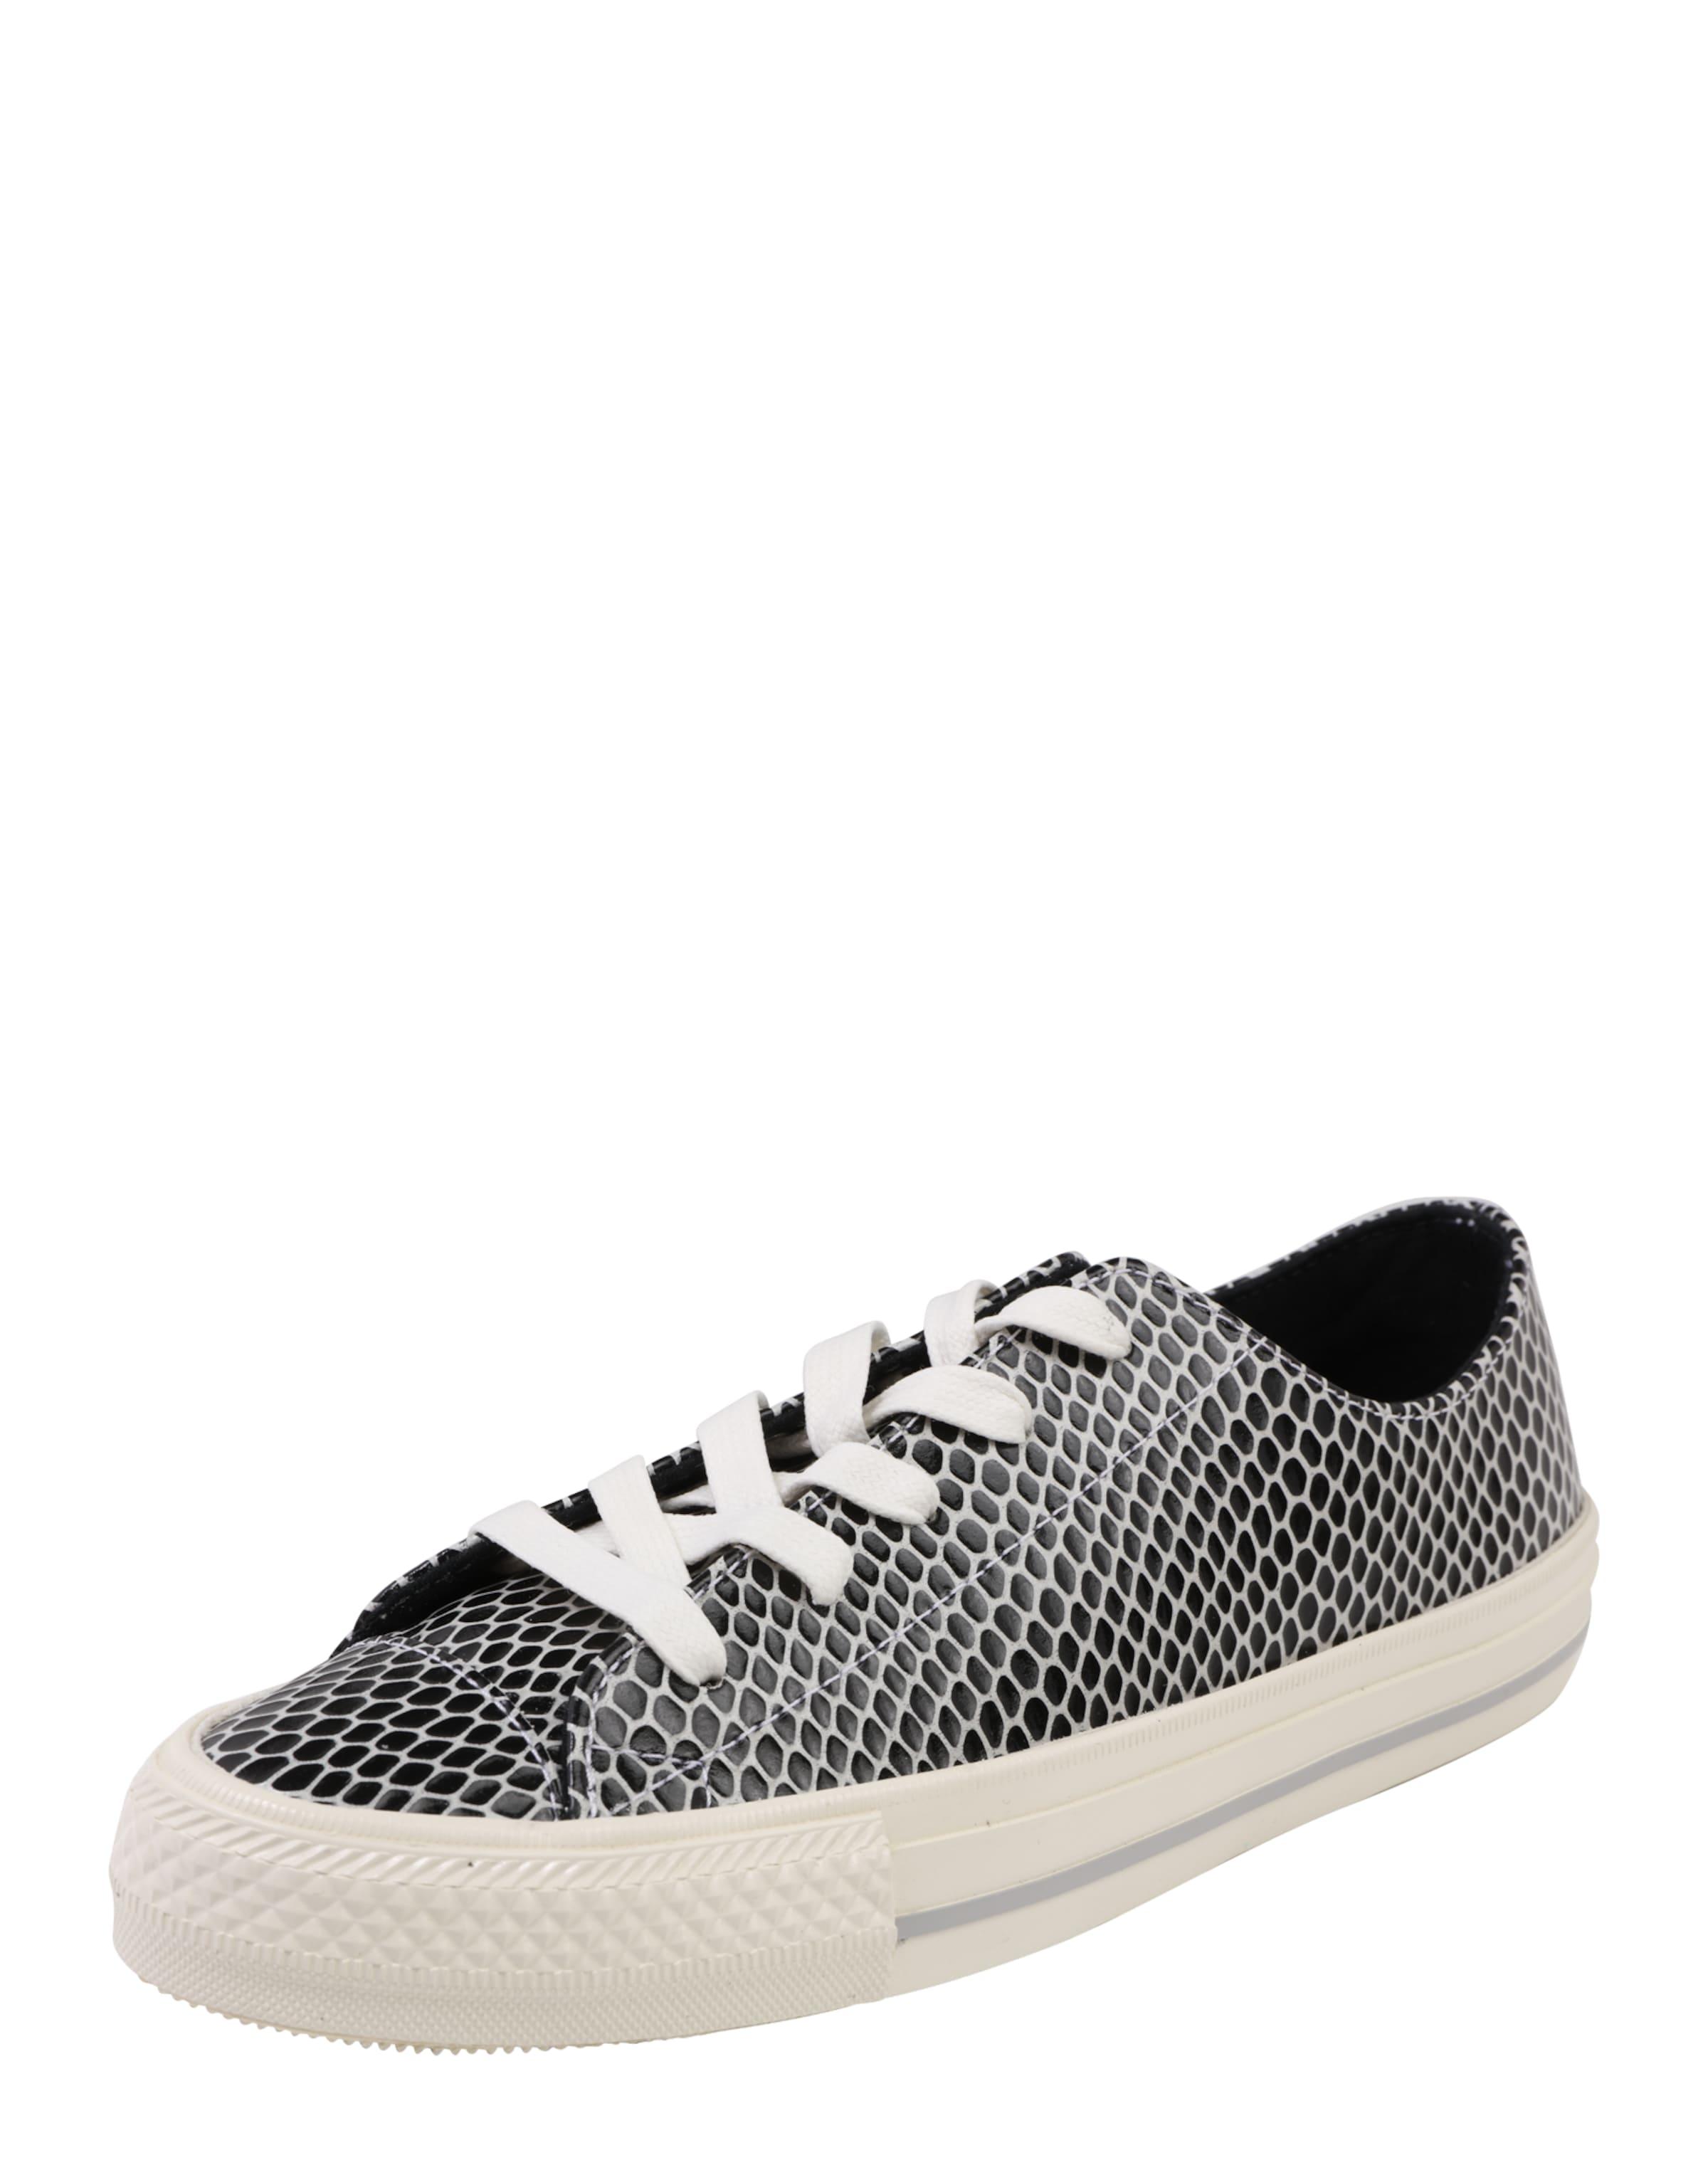 CONVERSE Sneaker 'All Star Gemma - Ox' Auslass Bilder Freies Verschiffen Viele Arten Von Verkauf Besten Verkaufs z4Np7eFLHs